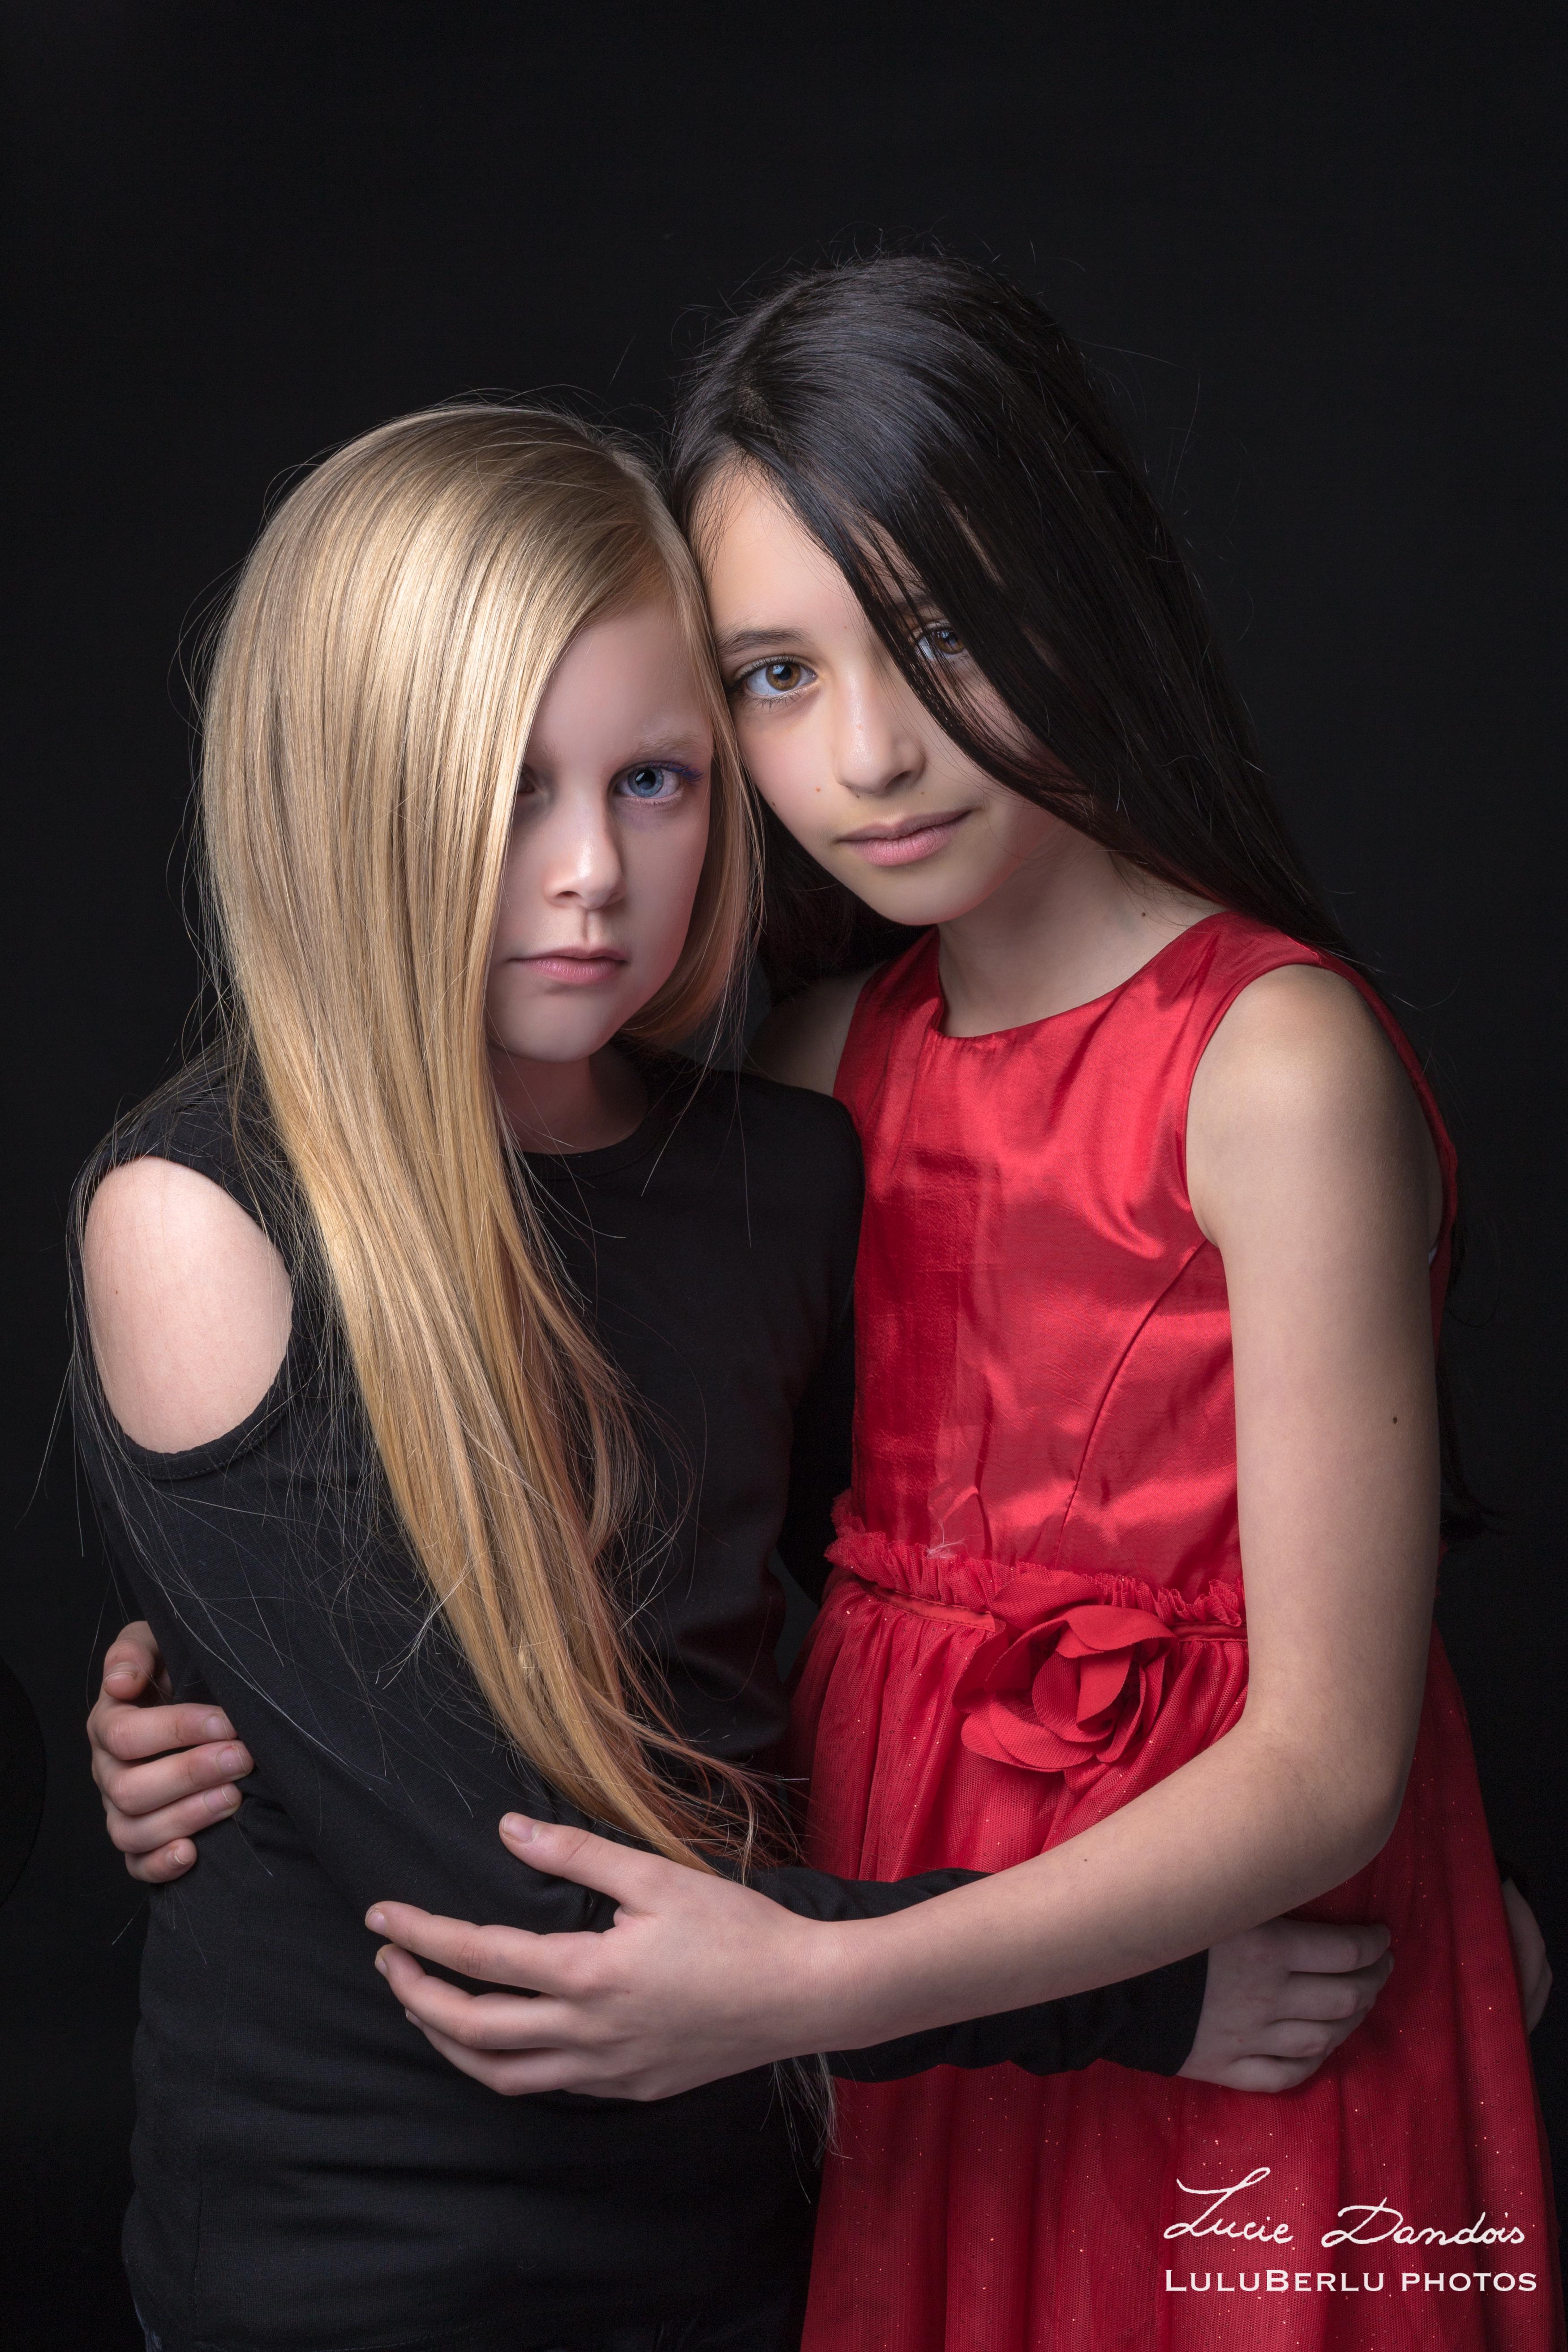 séance photo sur fond noir enfants